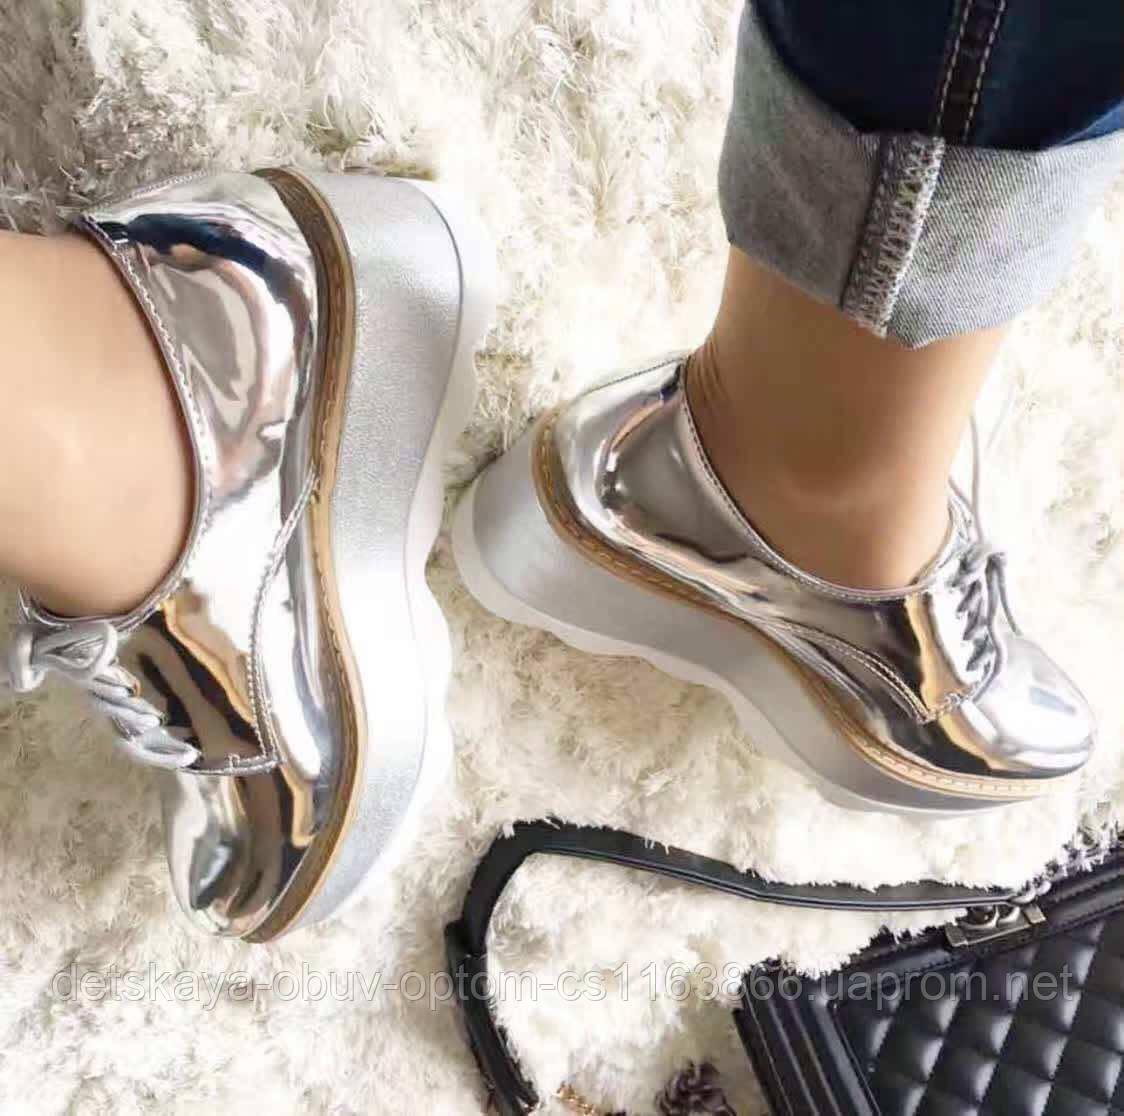 Серебристые женские оксфорды туфли на толстой платформе Размеры 36-41, фото  1 dfd498ff005